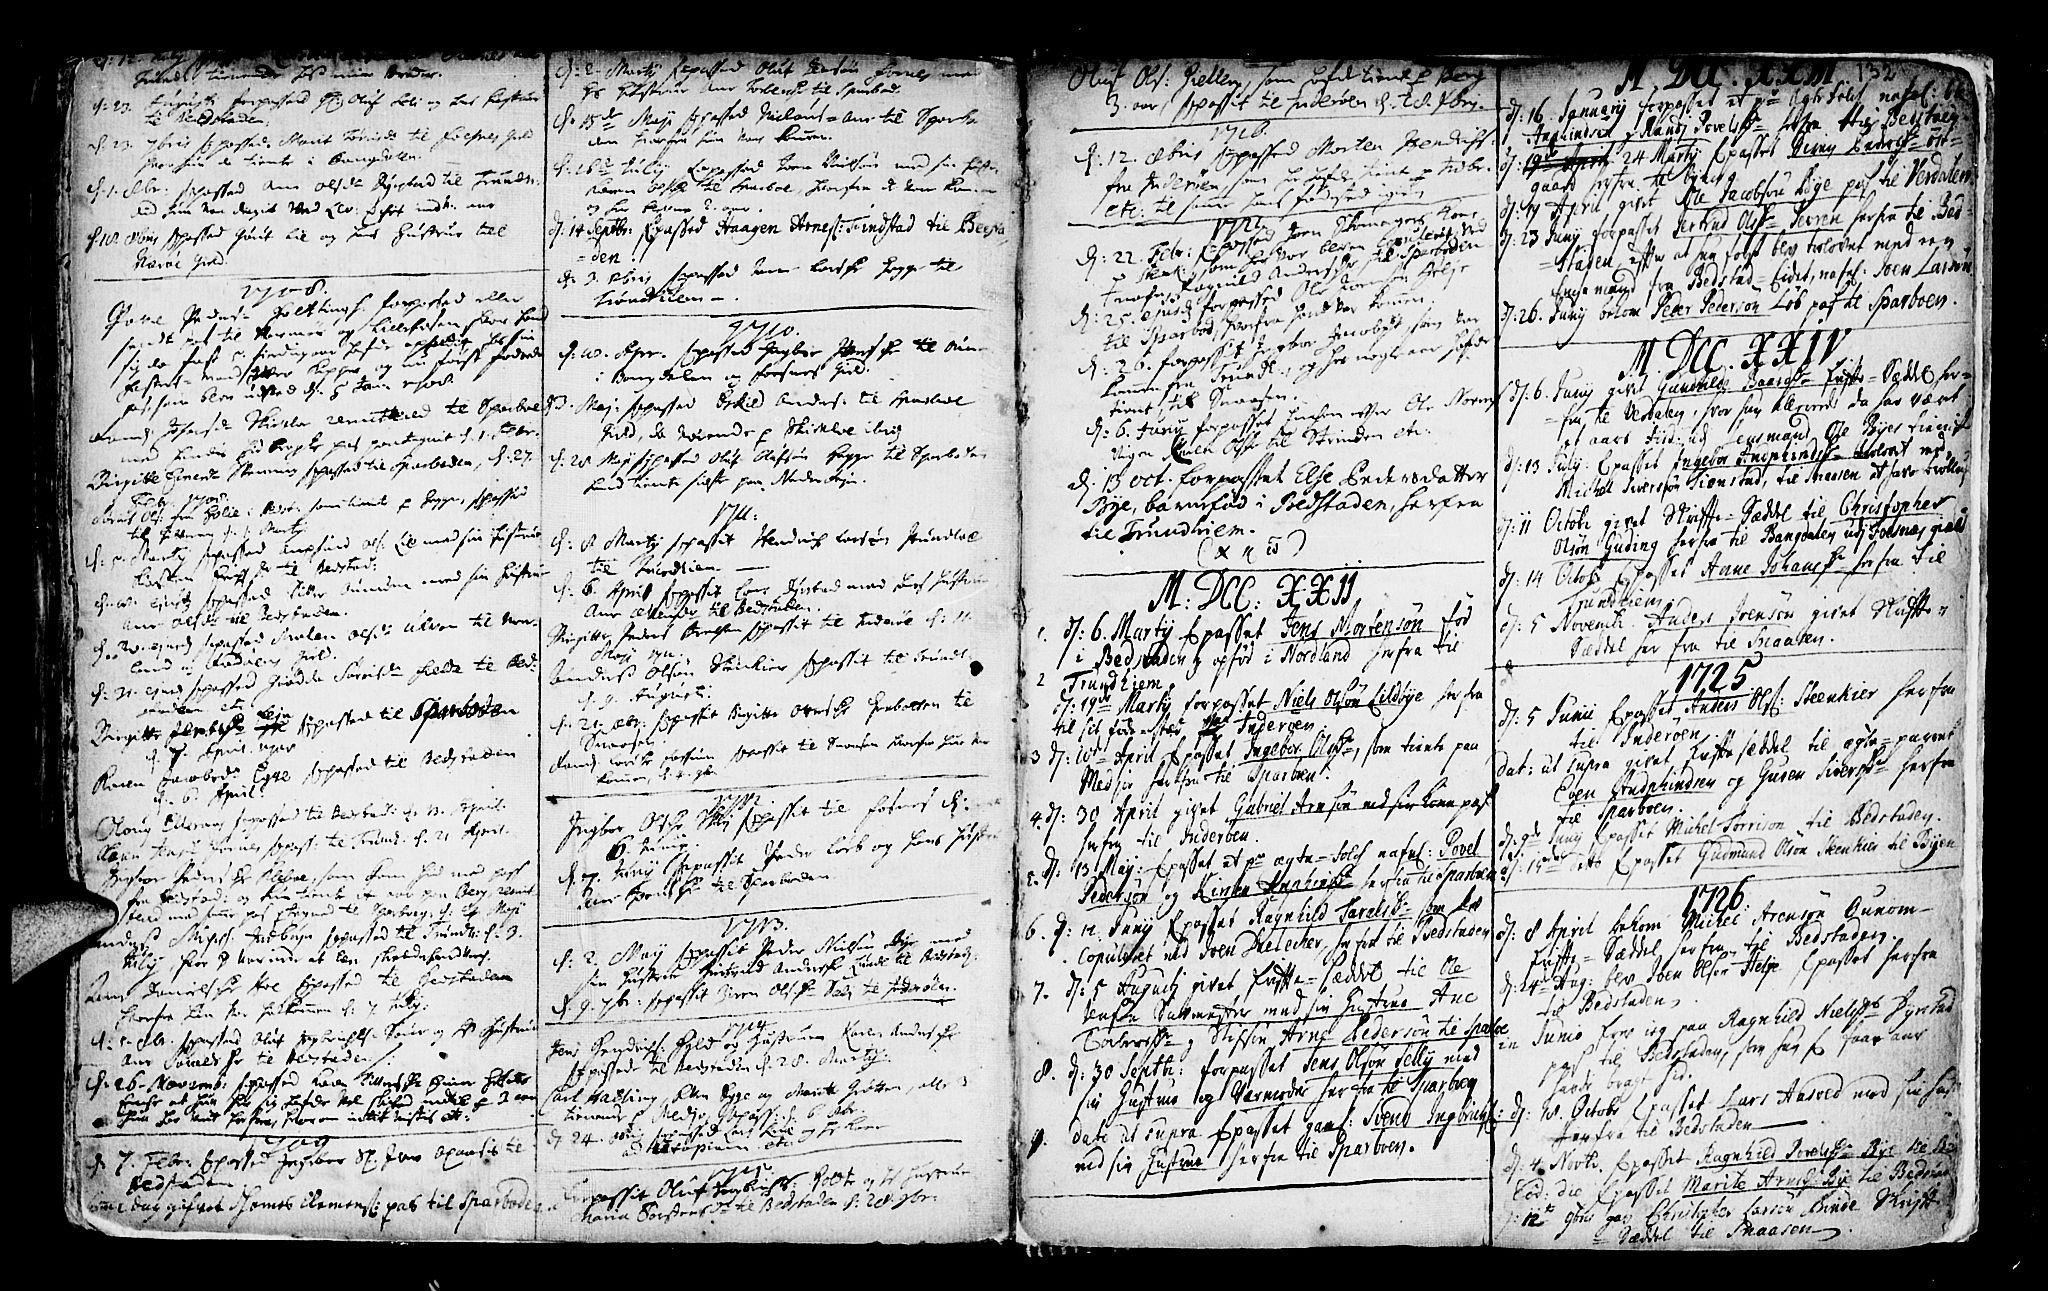 SAT, Ministerialprotokoller, klokkerbøker og fødselsregistre - Nord-Trøndelag, 746/L0439: Ministerialbok nr. 746A01, 1688-1759, s. 132